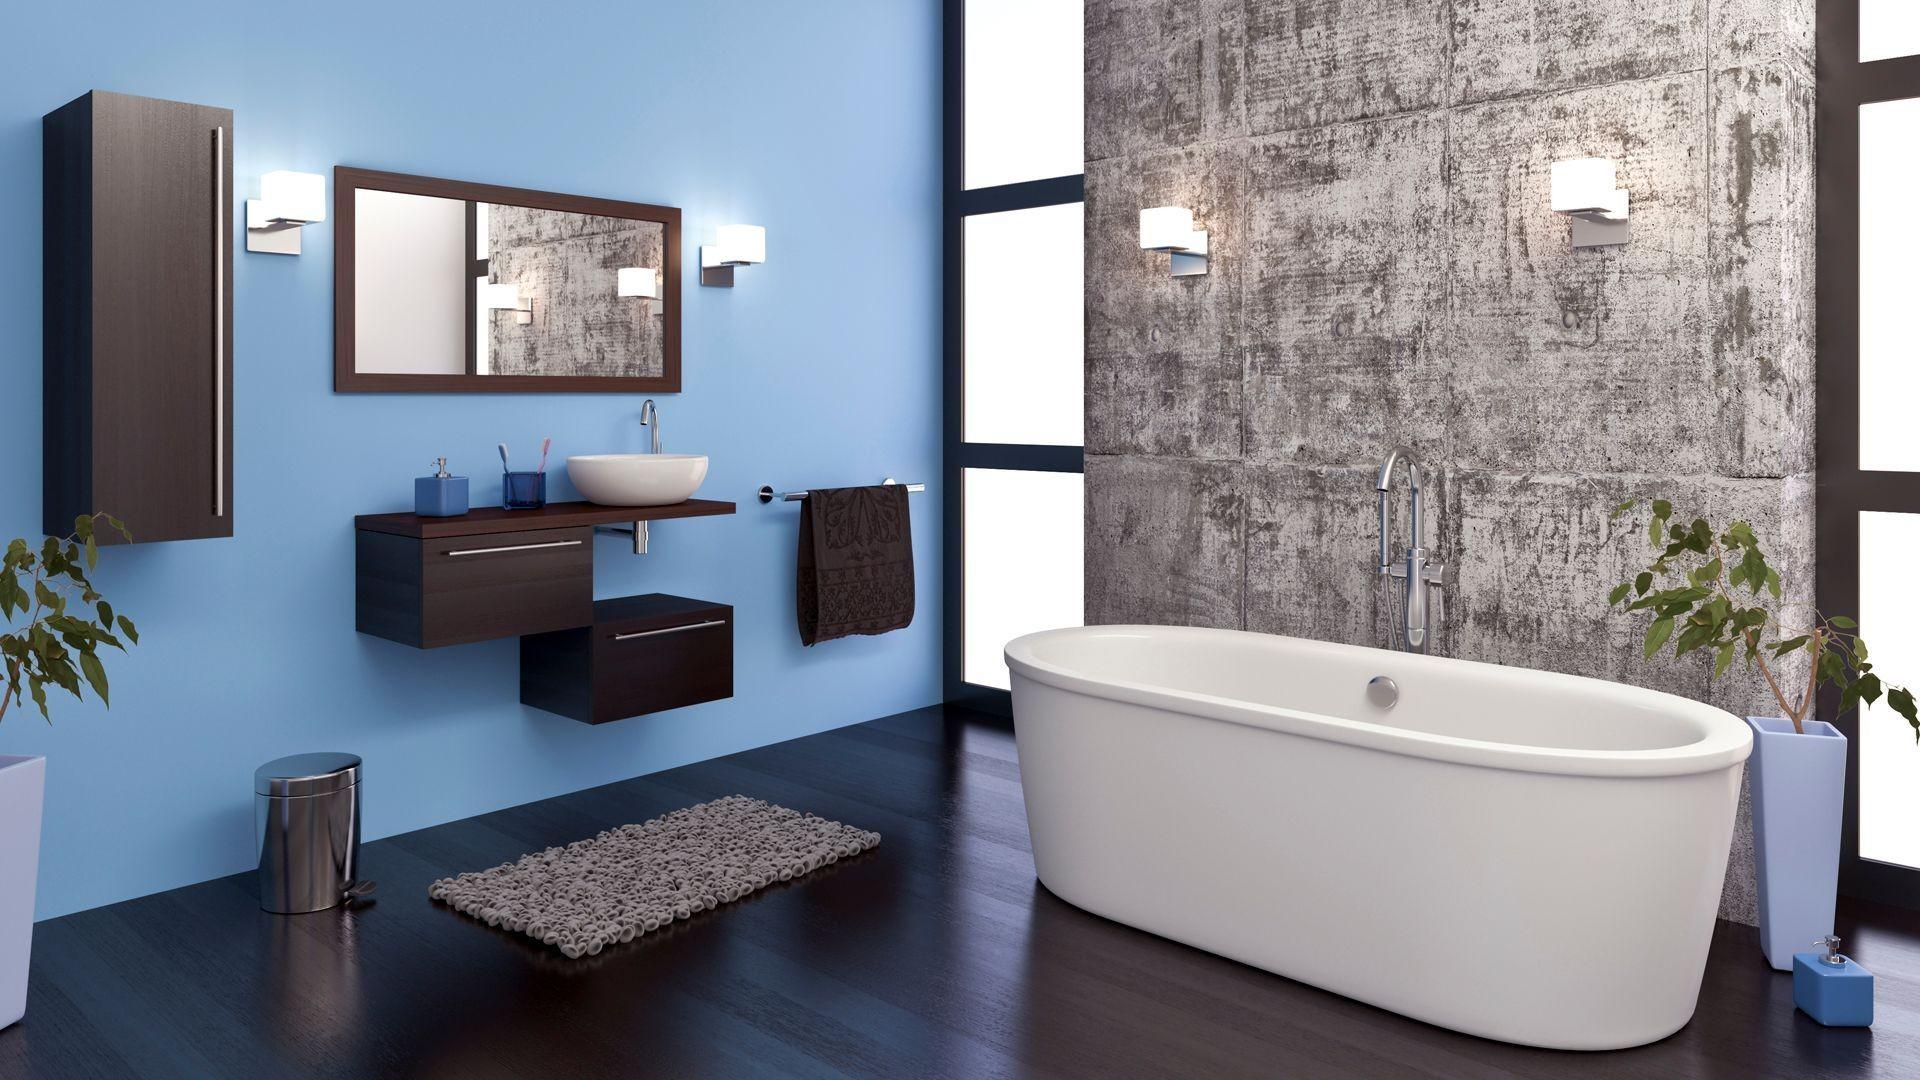 Reformas de cuartos de baño en Tolosa